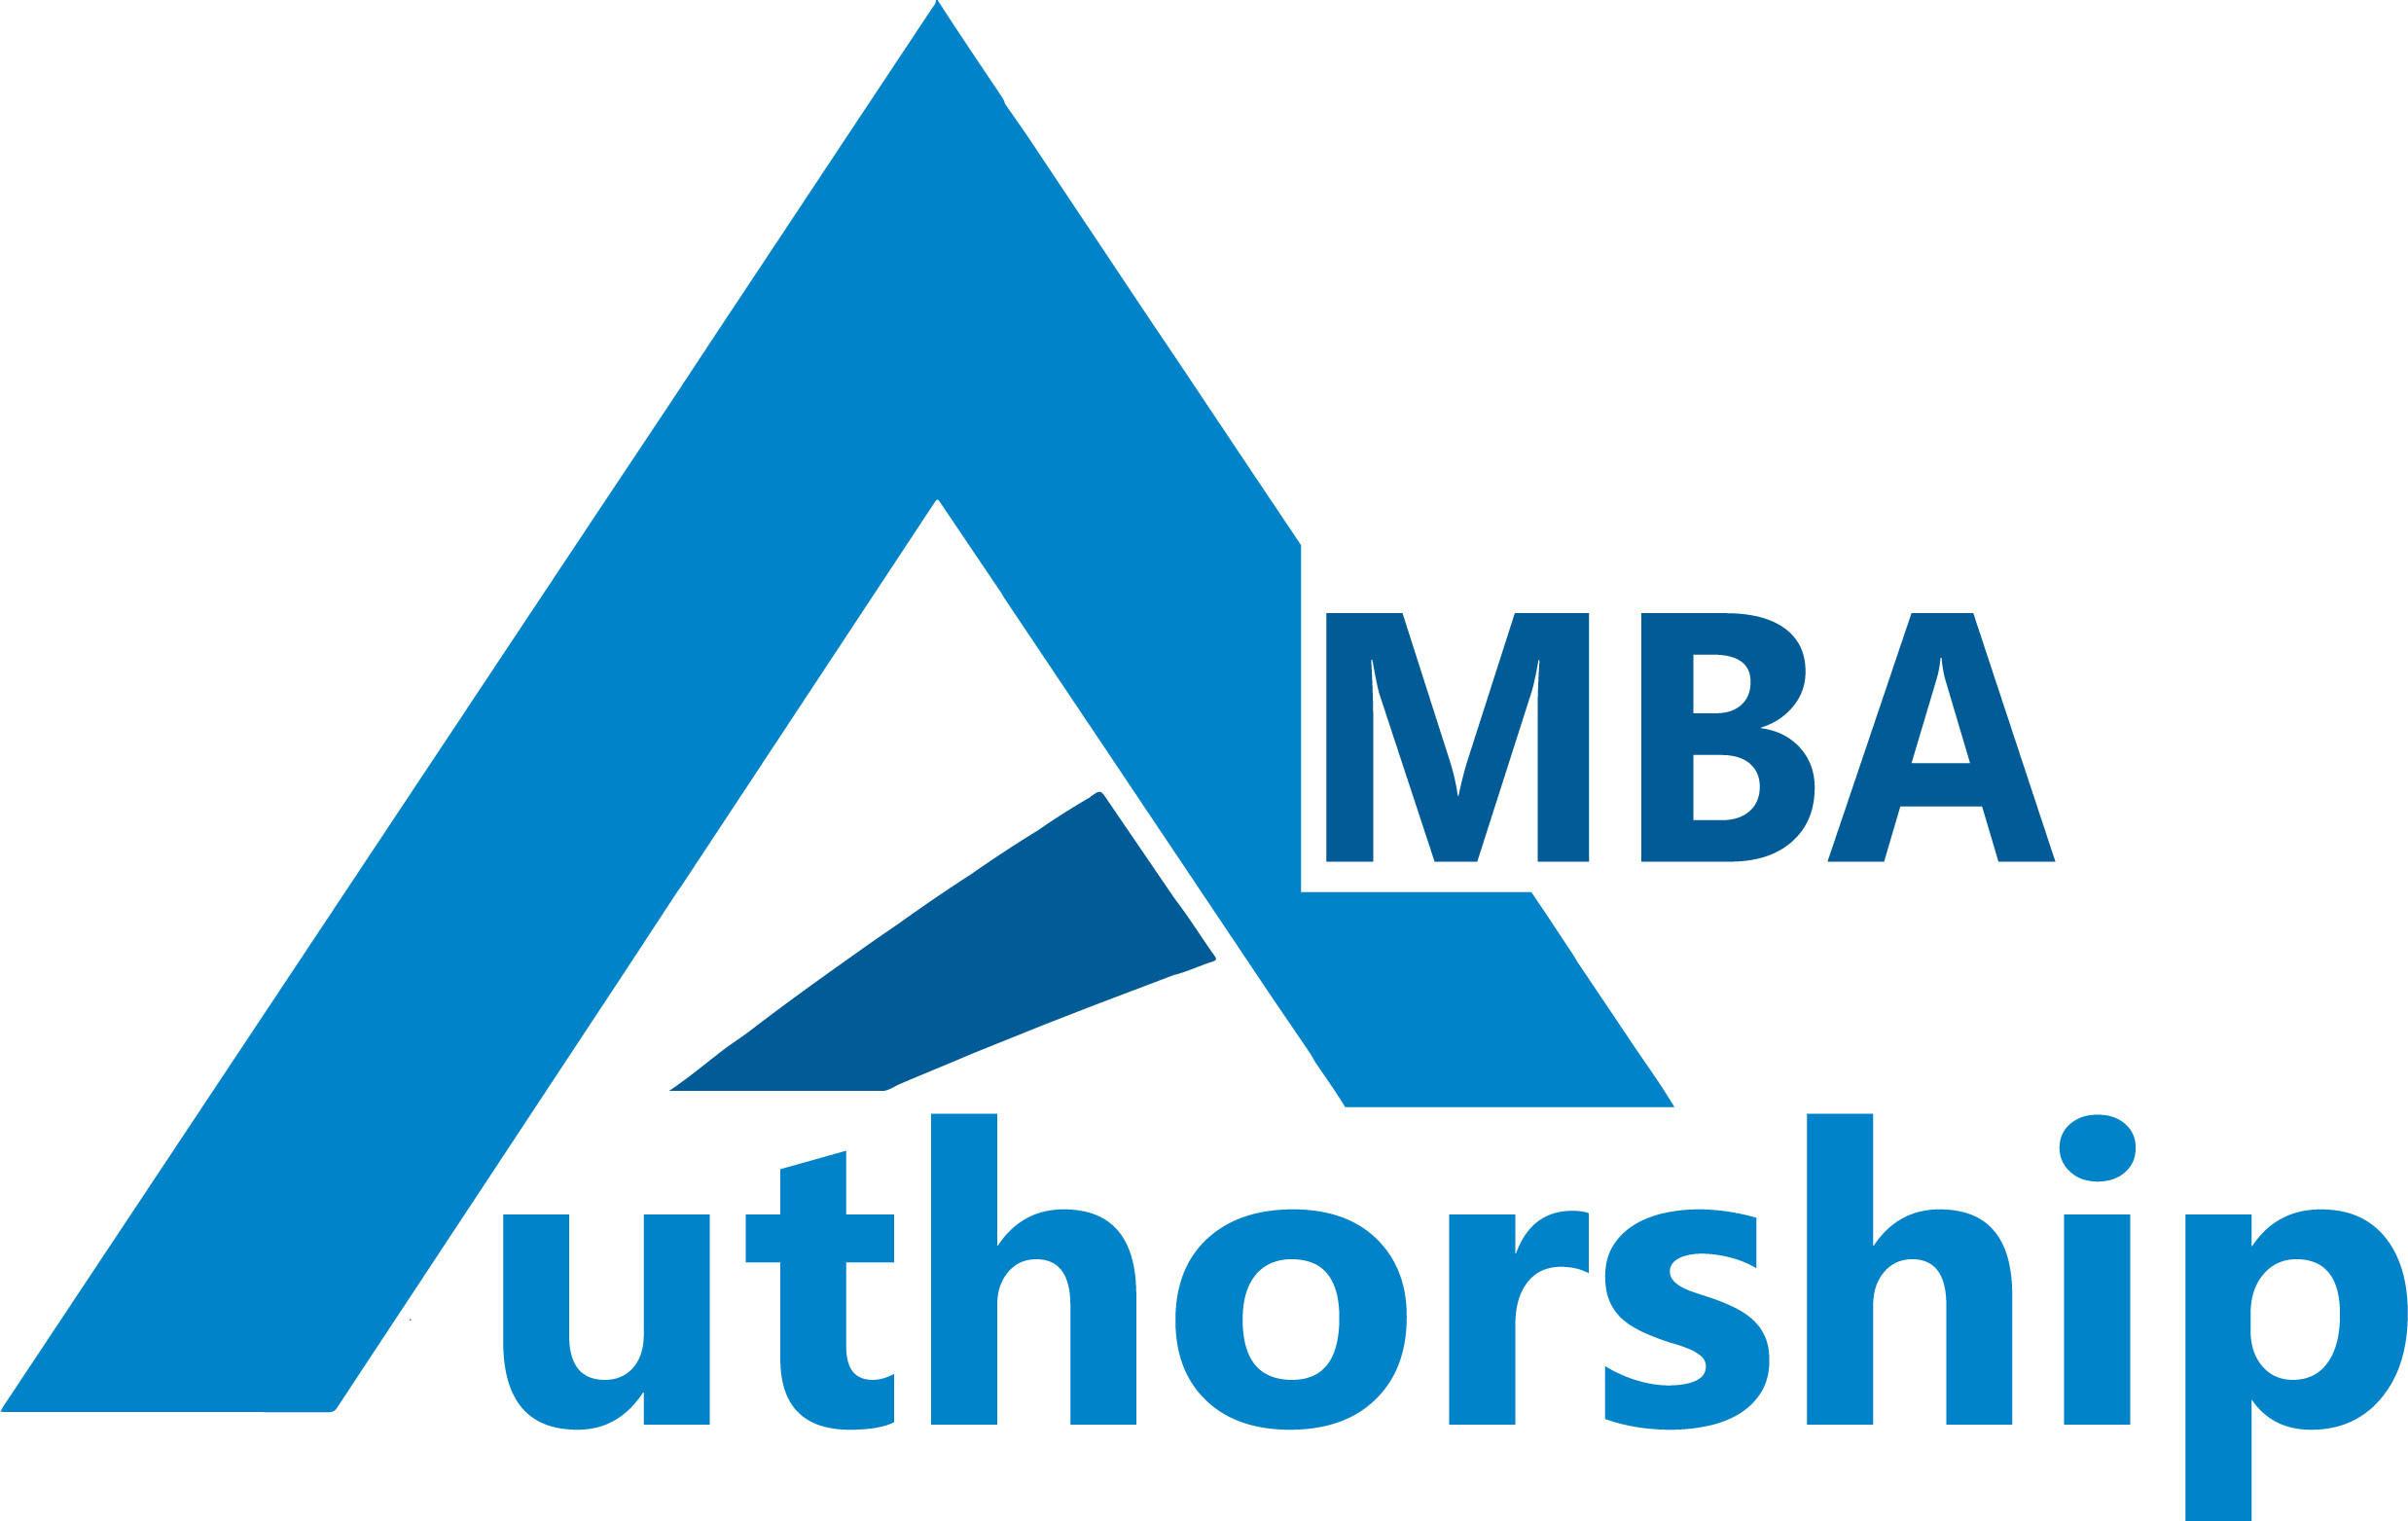 Authorship Experts Launch New Workshop, AUTHORSHIP MBA: MASTERING THE BUSINESS OF AUTHORSHIP